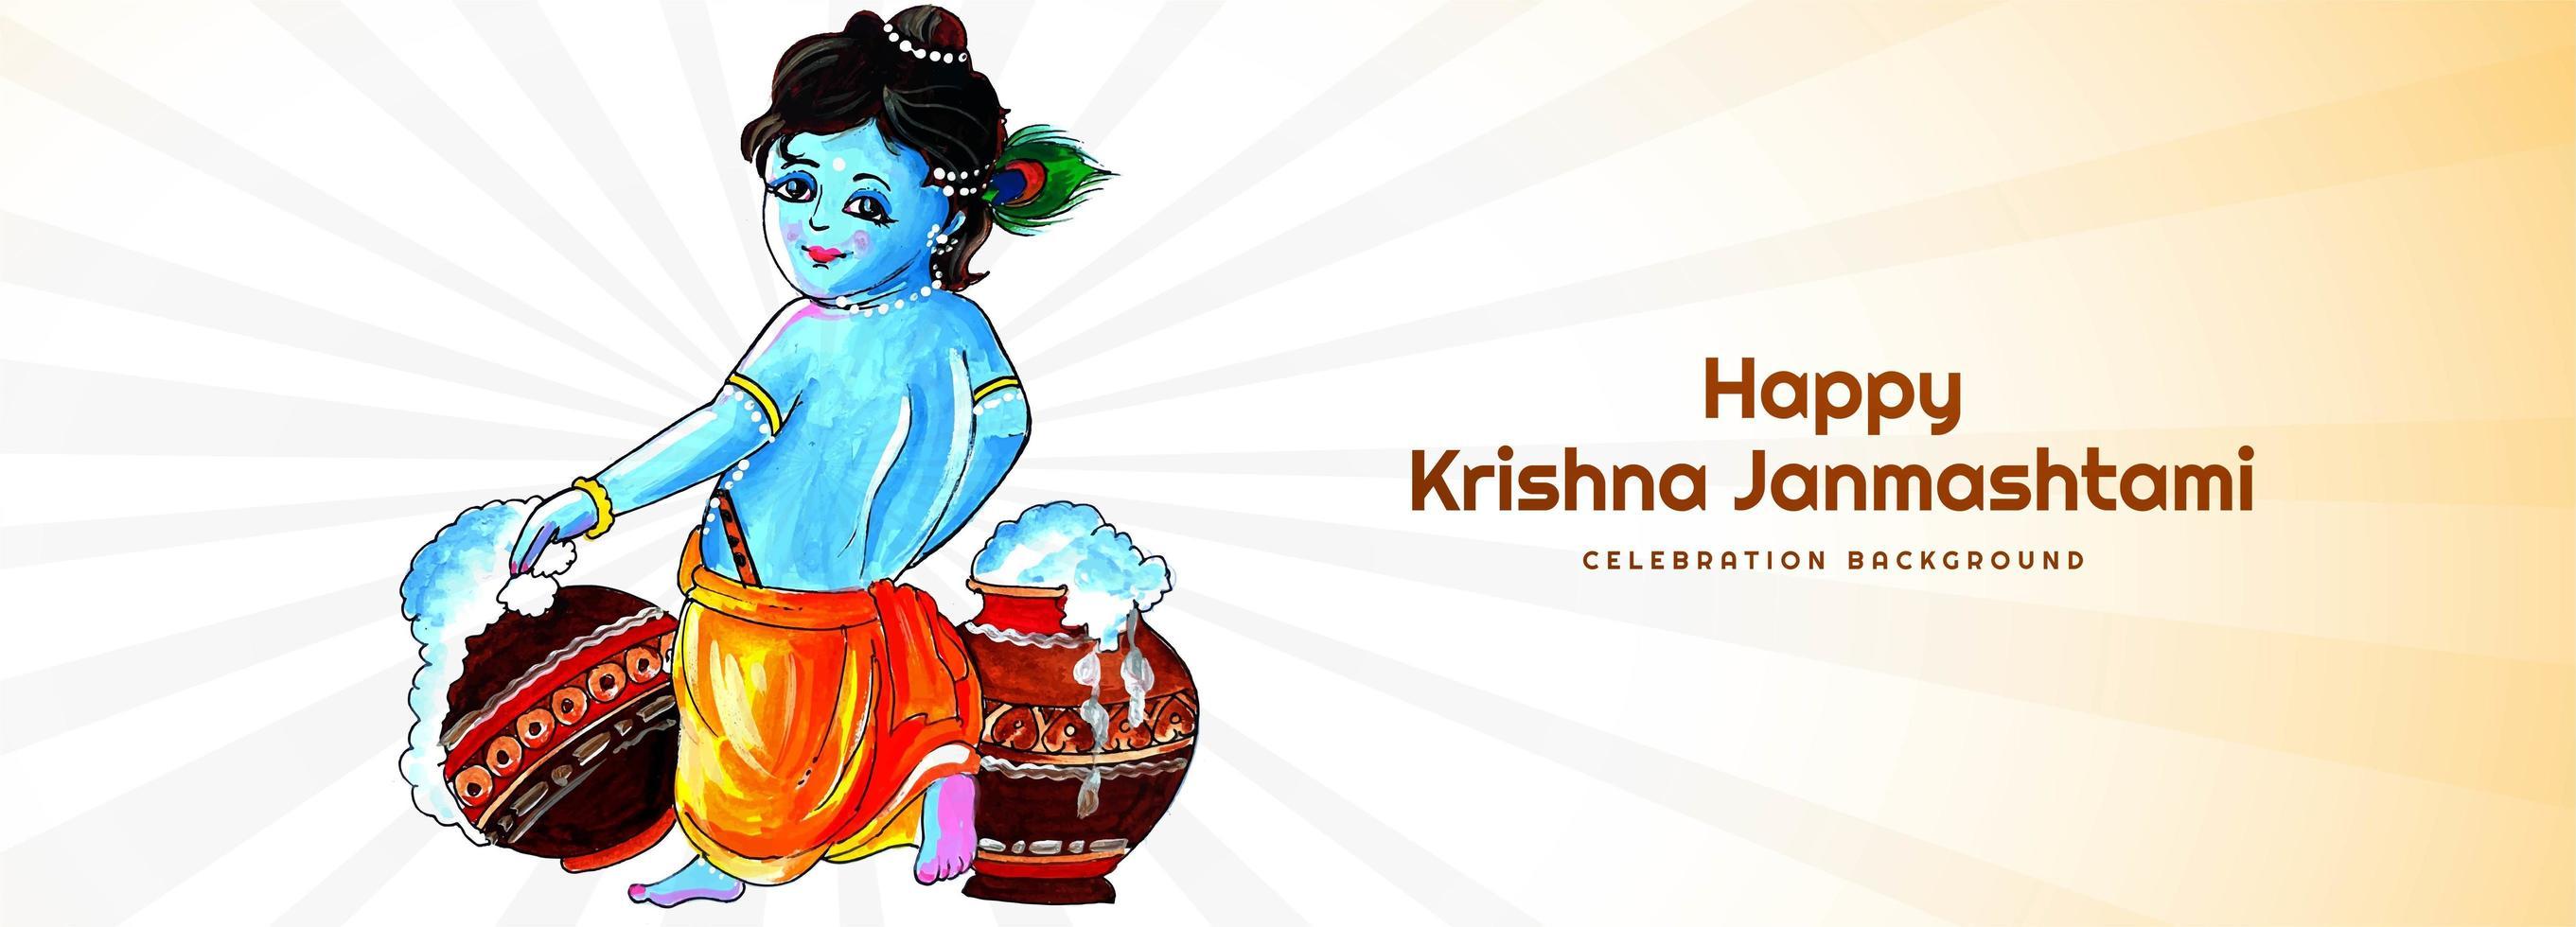 heer krishna wandelende janmashtami festival kaart banner achtergrond vector